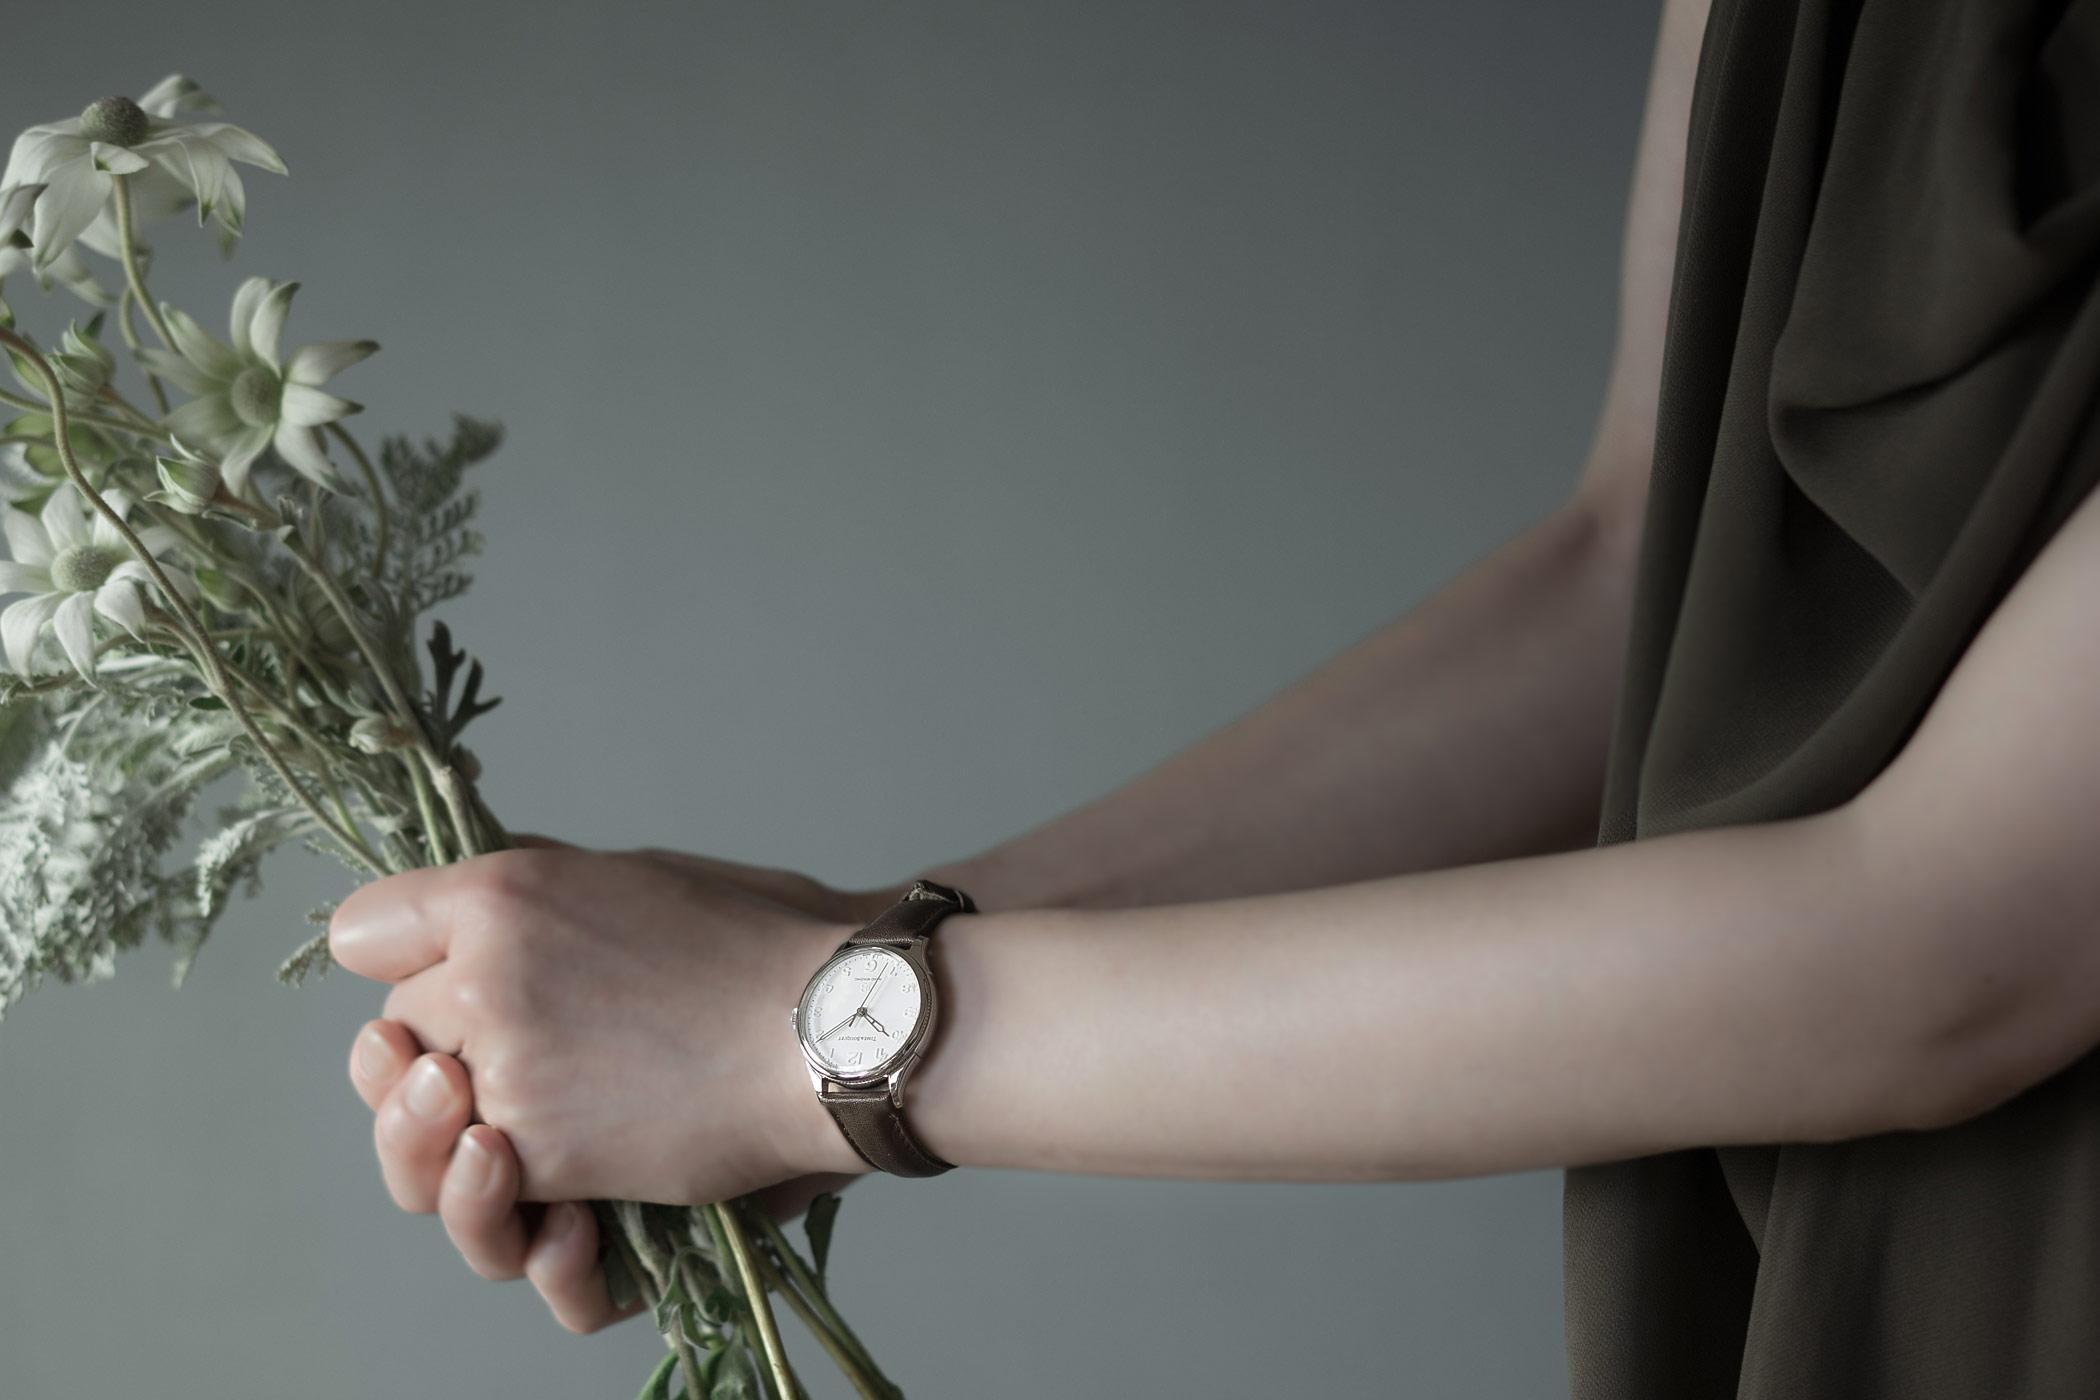 Nel(ネル)ダークブラウンを着用し、フランネルフラワーの花束を差し出す女性